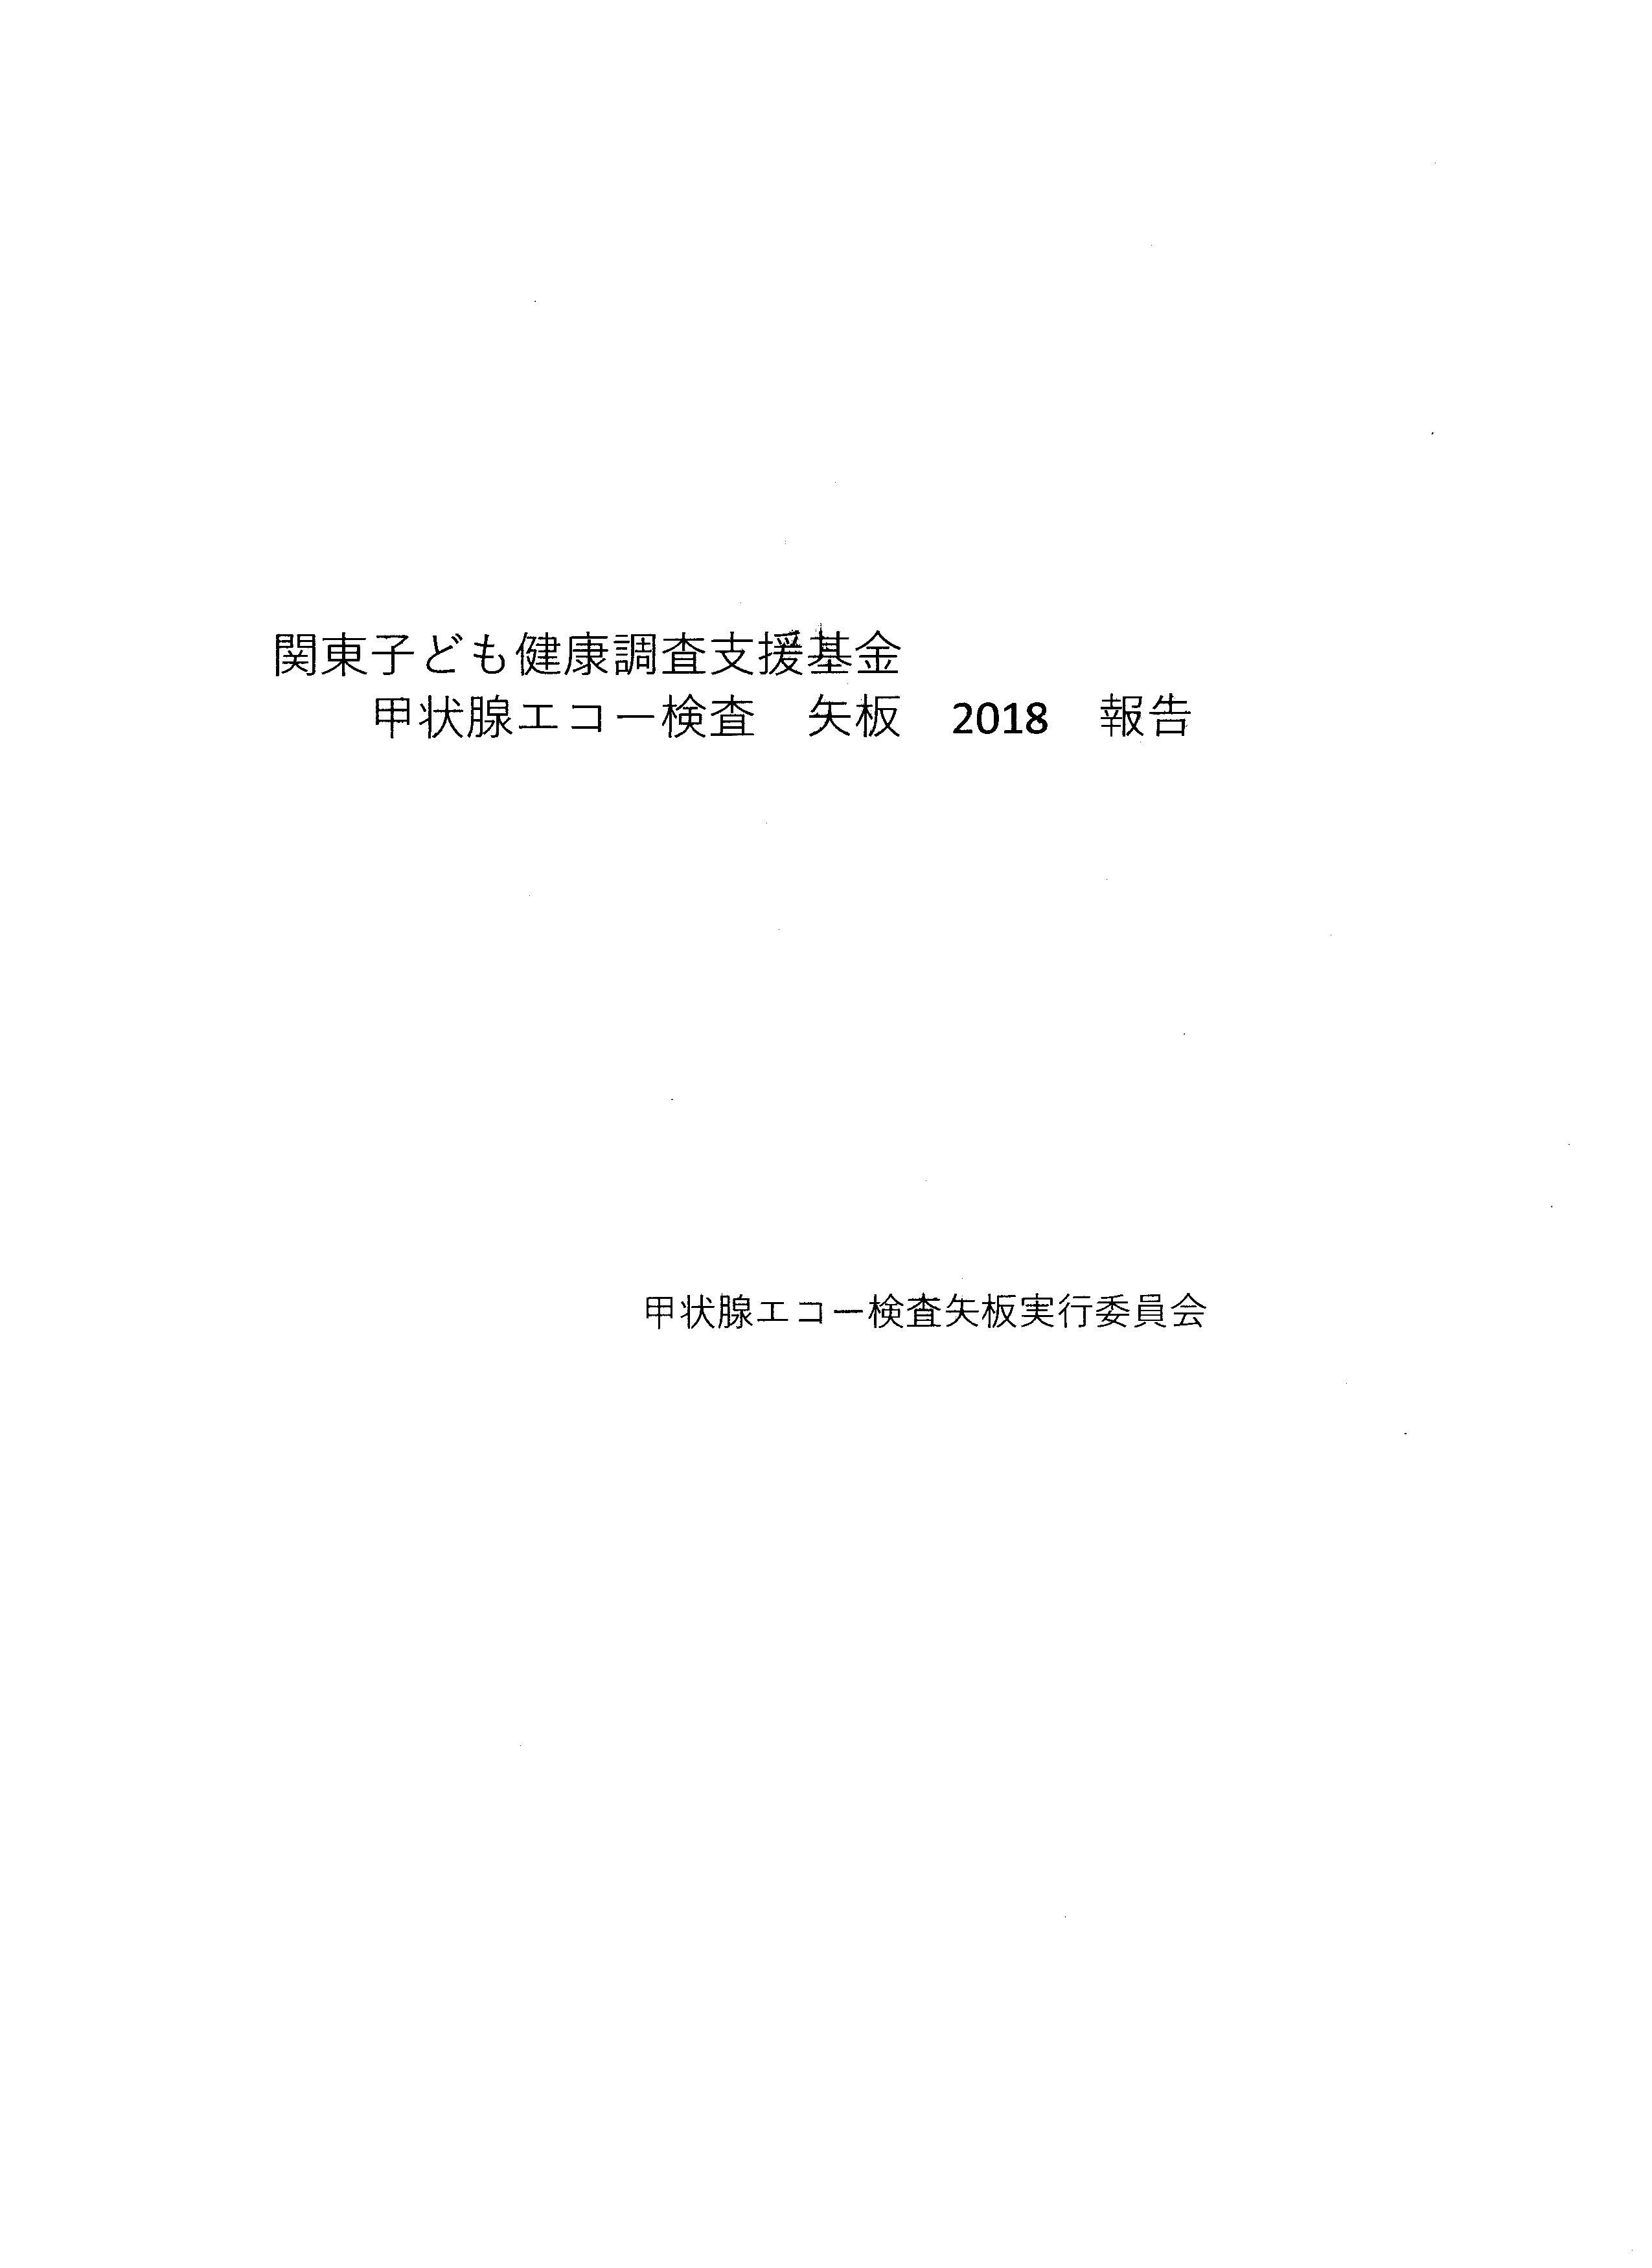 甲状腺エコー検査矢板報告2018①